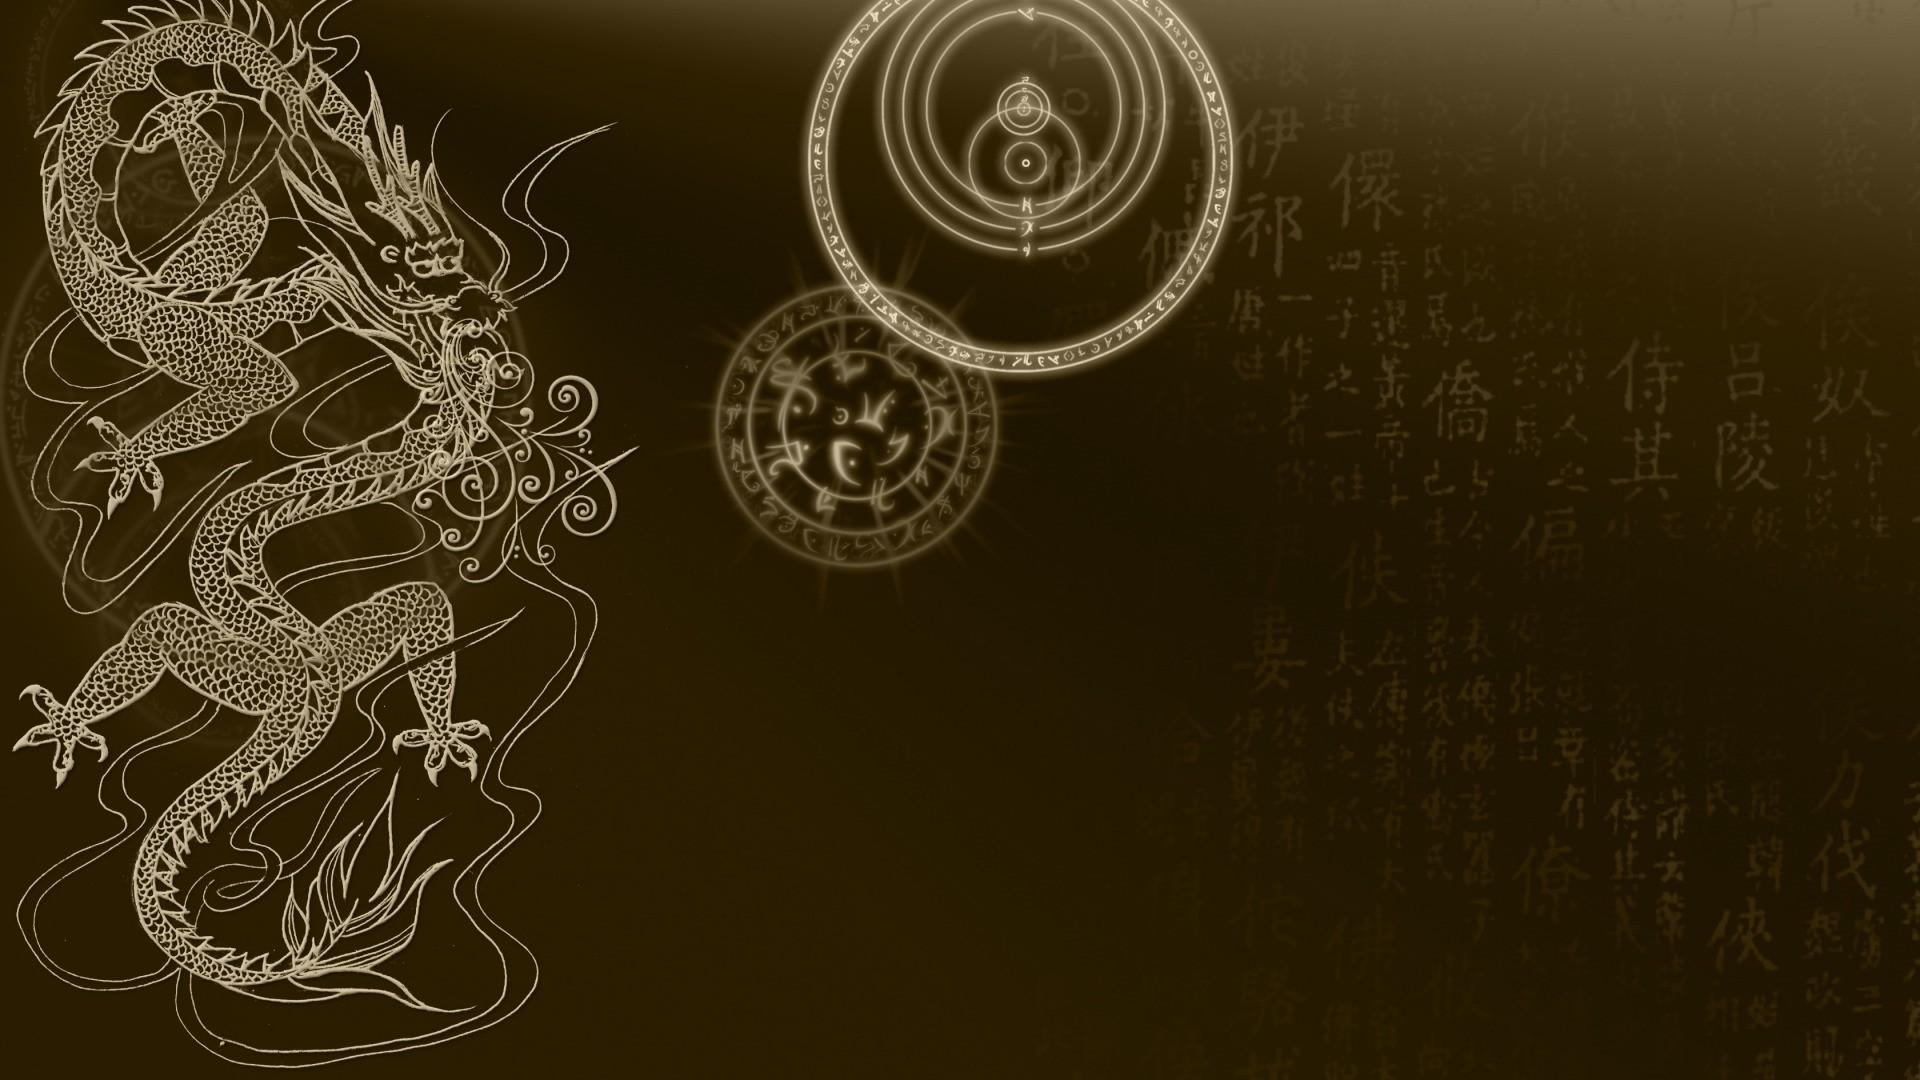 Chinese Dragon Wallpaper theme